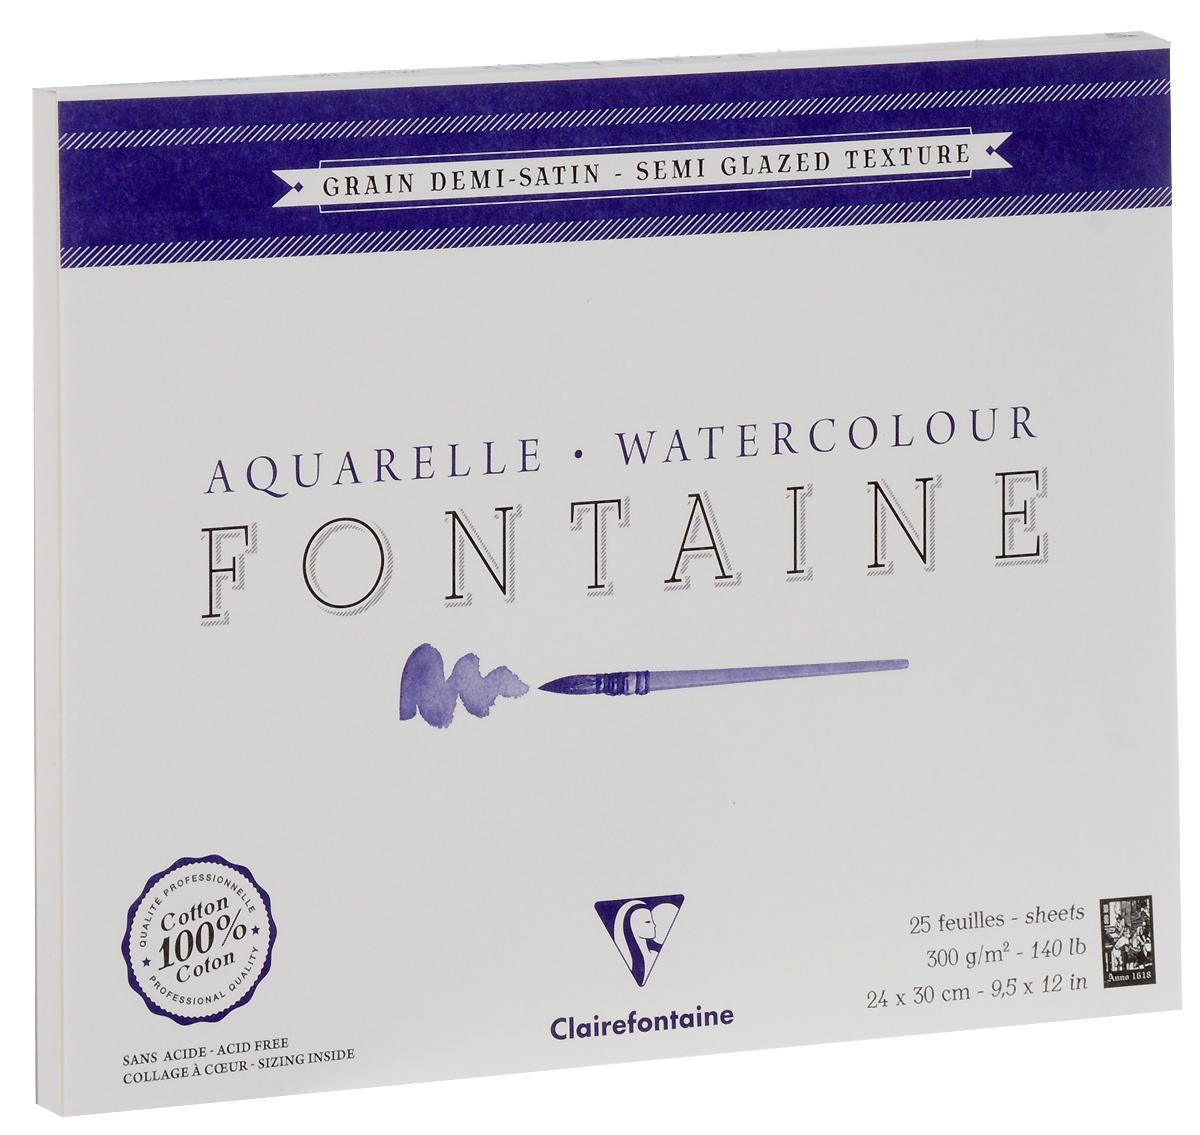 Альбом Clairefontaine  Fontaine , 24 х 30 см, 25 листов. 96406С -  Бумага и картон